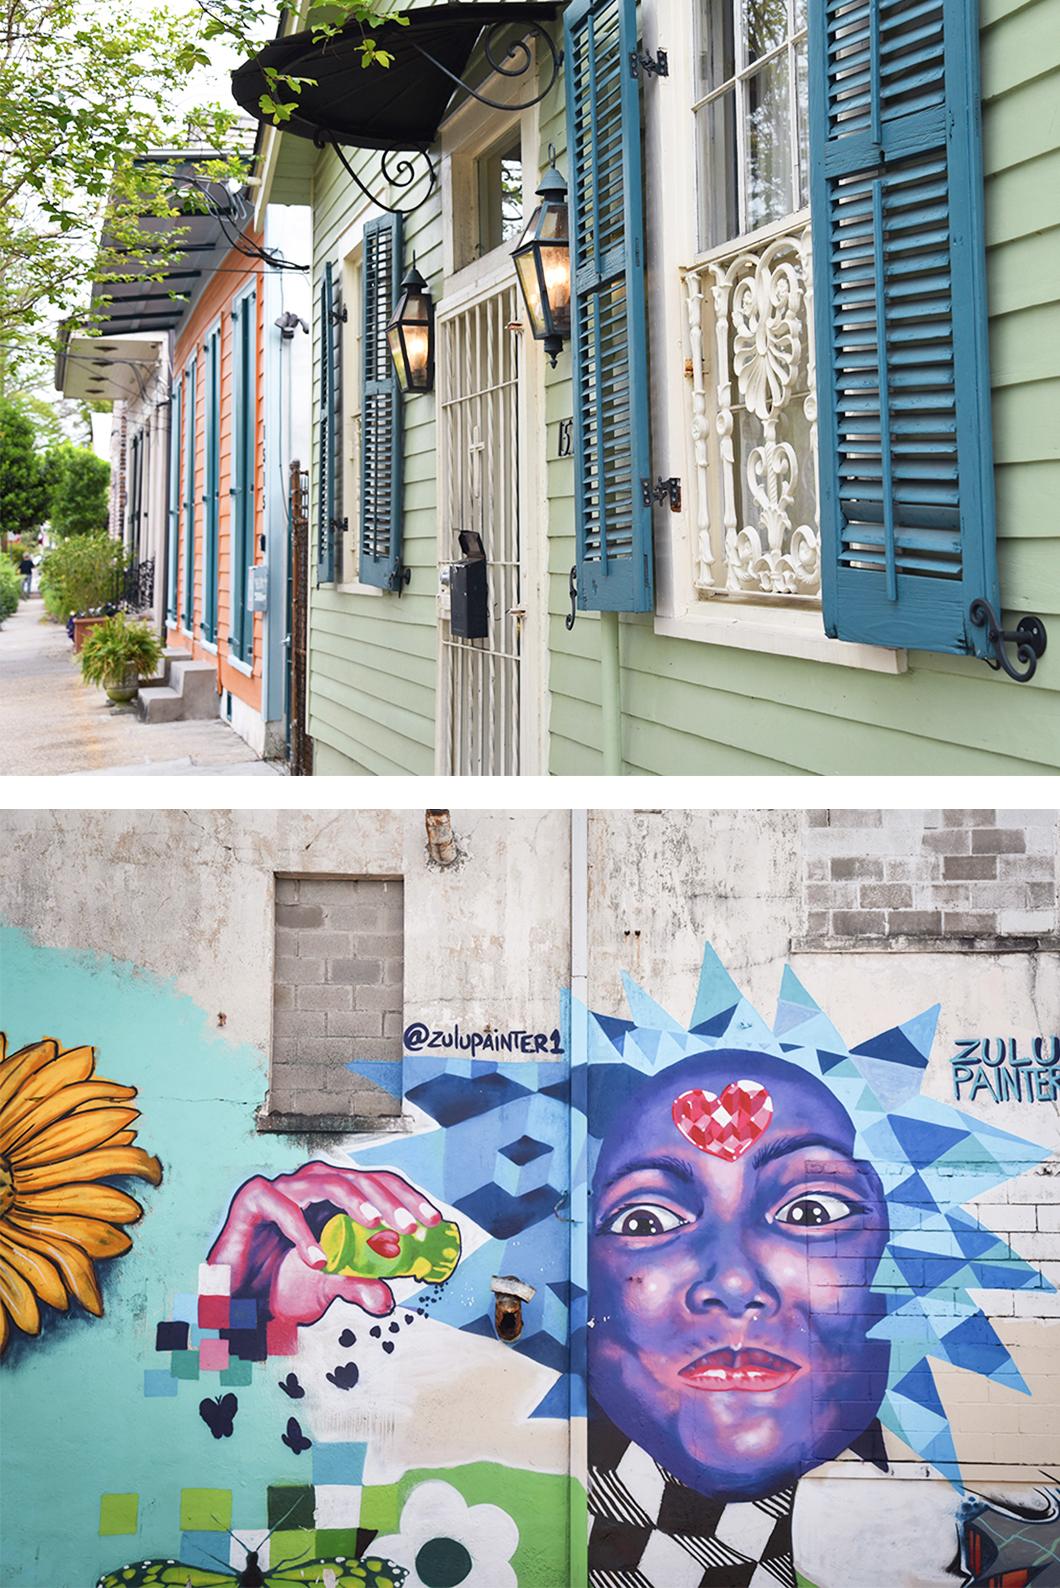 Faubourg Marigny, quartier coloré de la Nouvelle Orléans